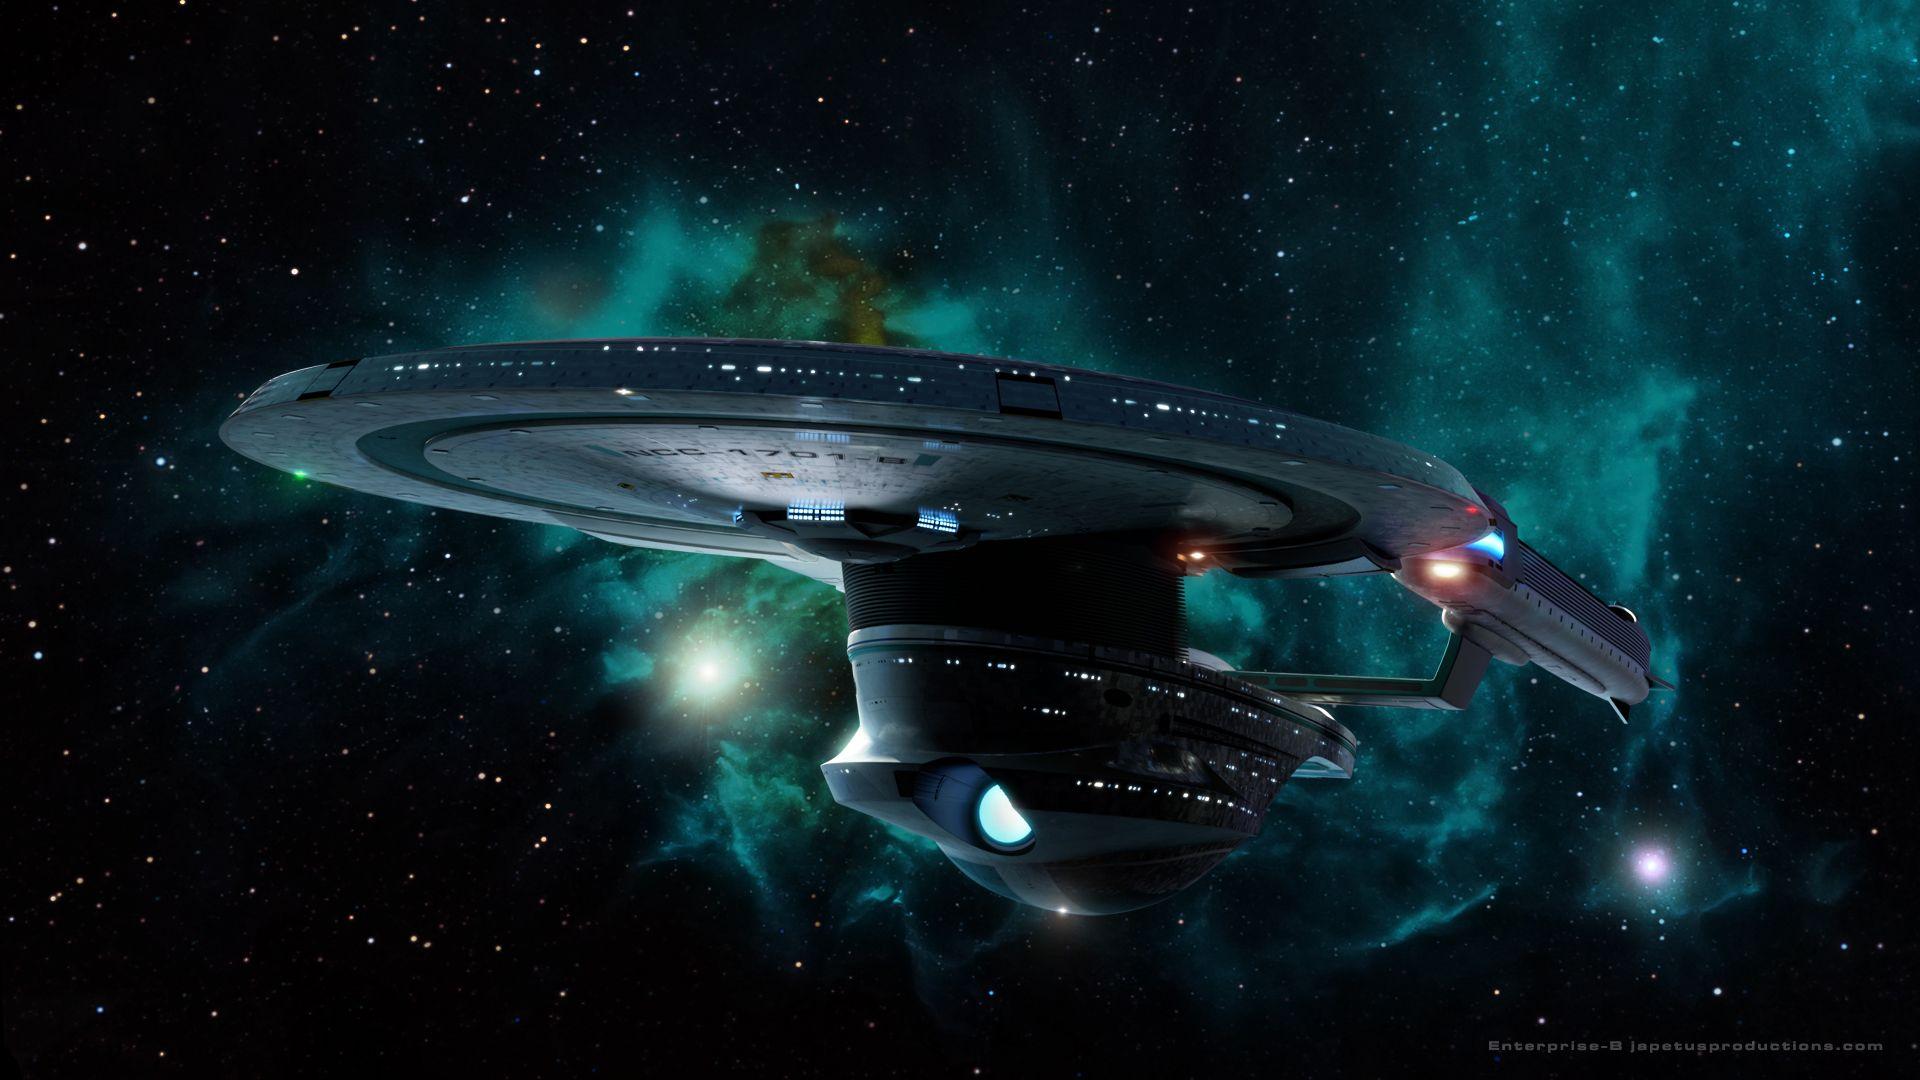 To Boldly Go Star Trek Wallpaper Star Trek Enterprise Star Trek Wallpaper Backgrounds